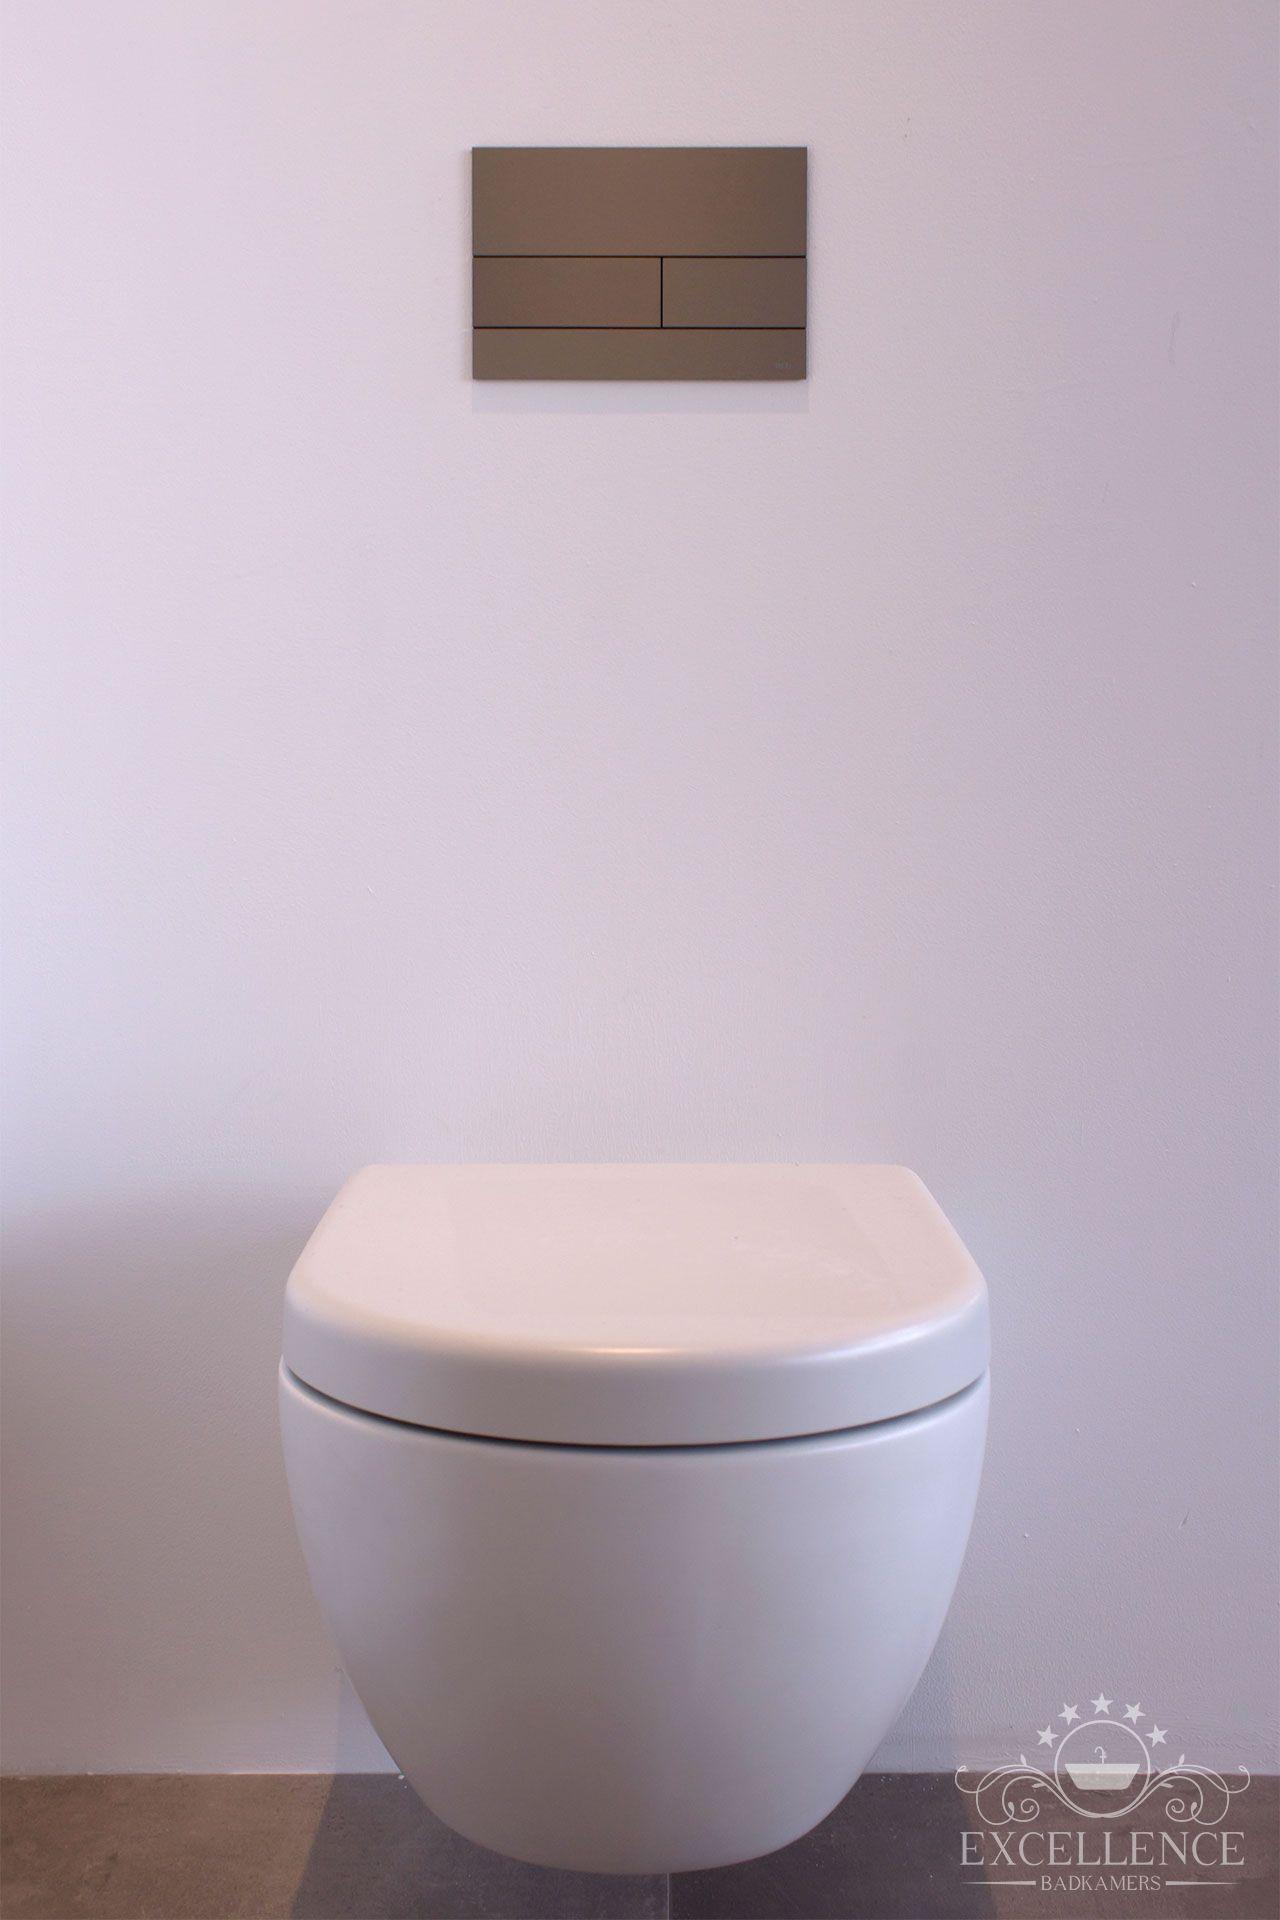 Maatwerk badkamer. Design wandcloset mat wit. Design bedieningsplaat ...